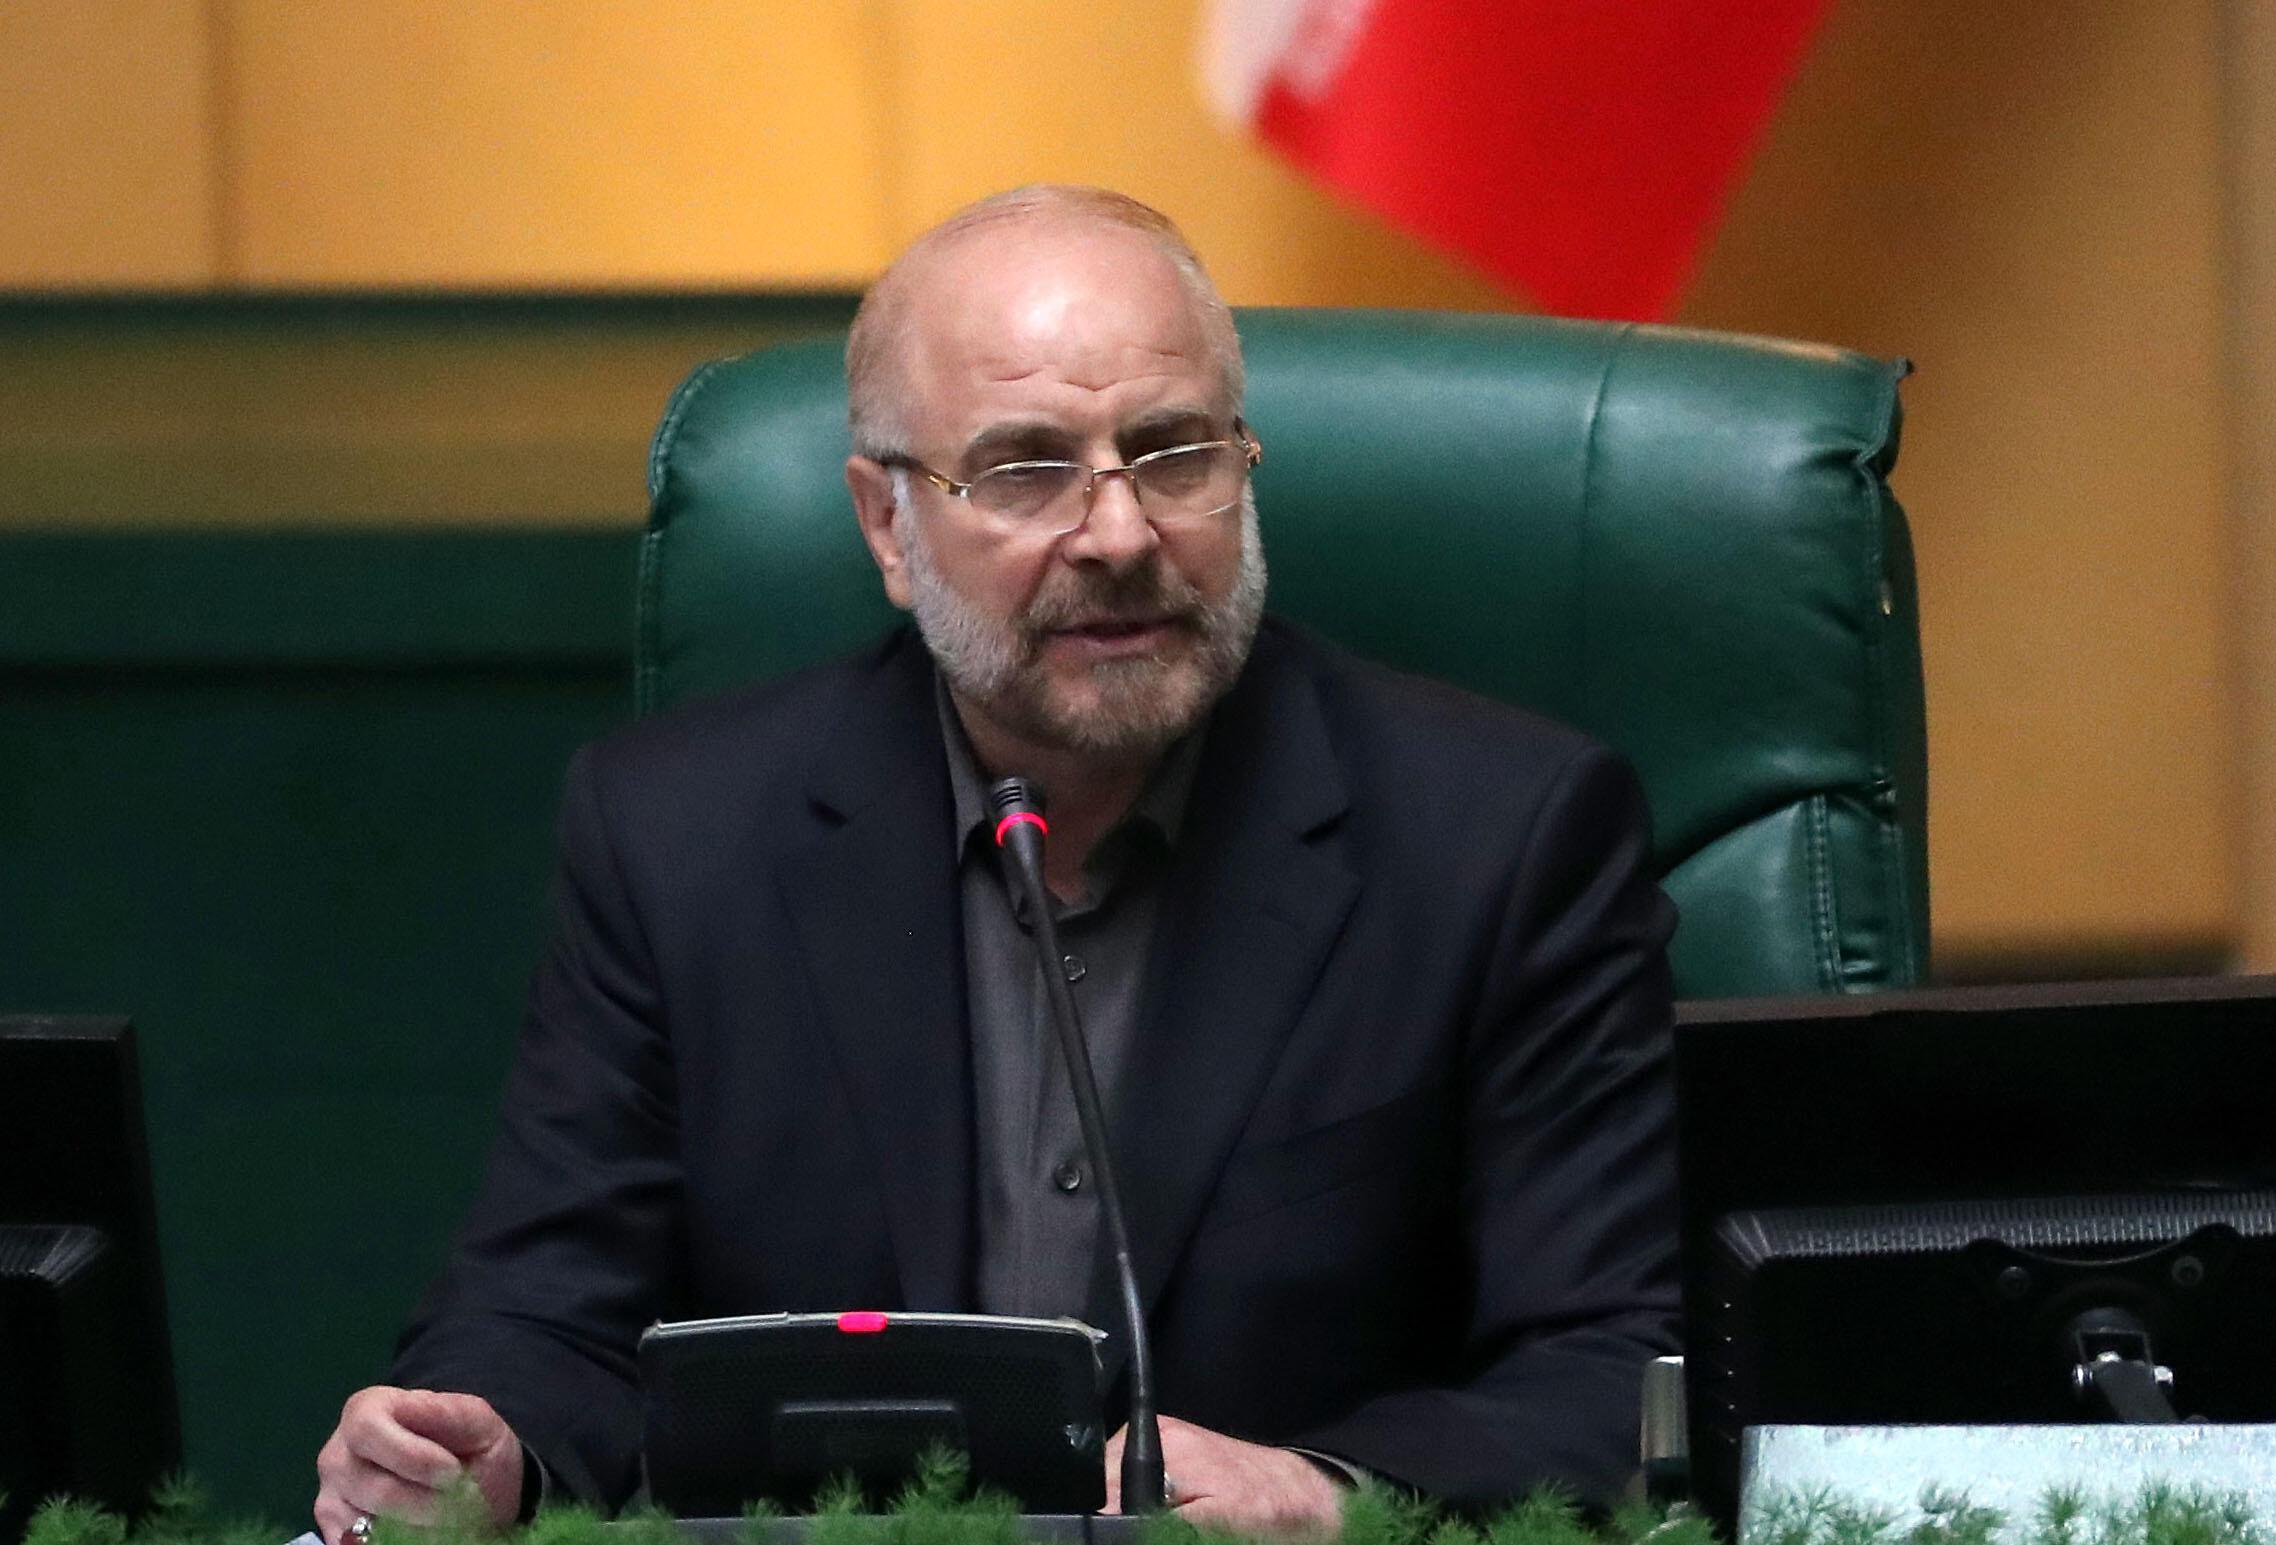 El nuevo presidente del Parlamento iraní, Mohamad Bagher Ghalibaf, en la asamblea en Teherán, poco después de ser elegido, el 28 de mayo de 2020